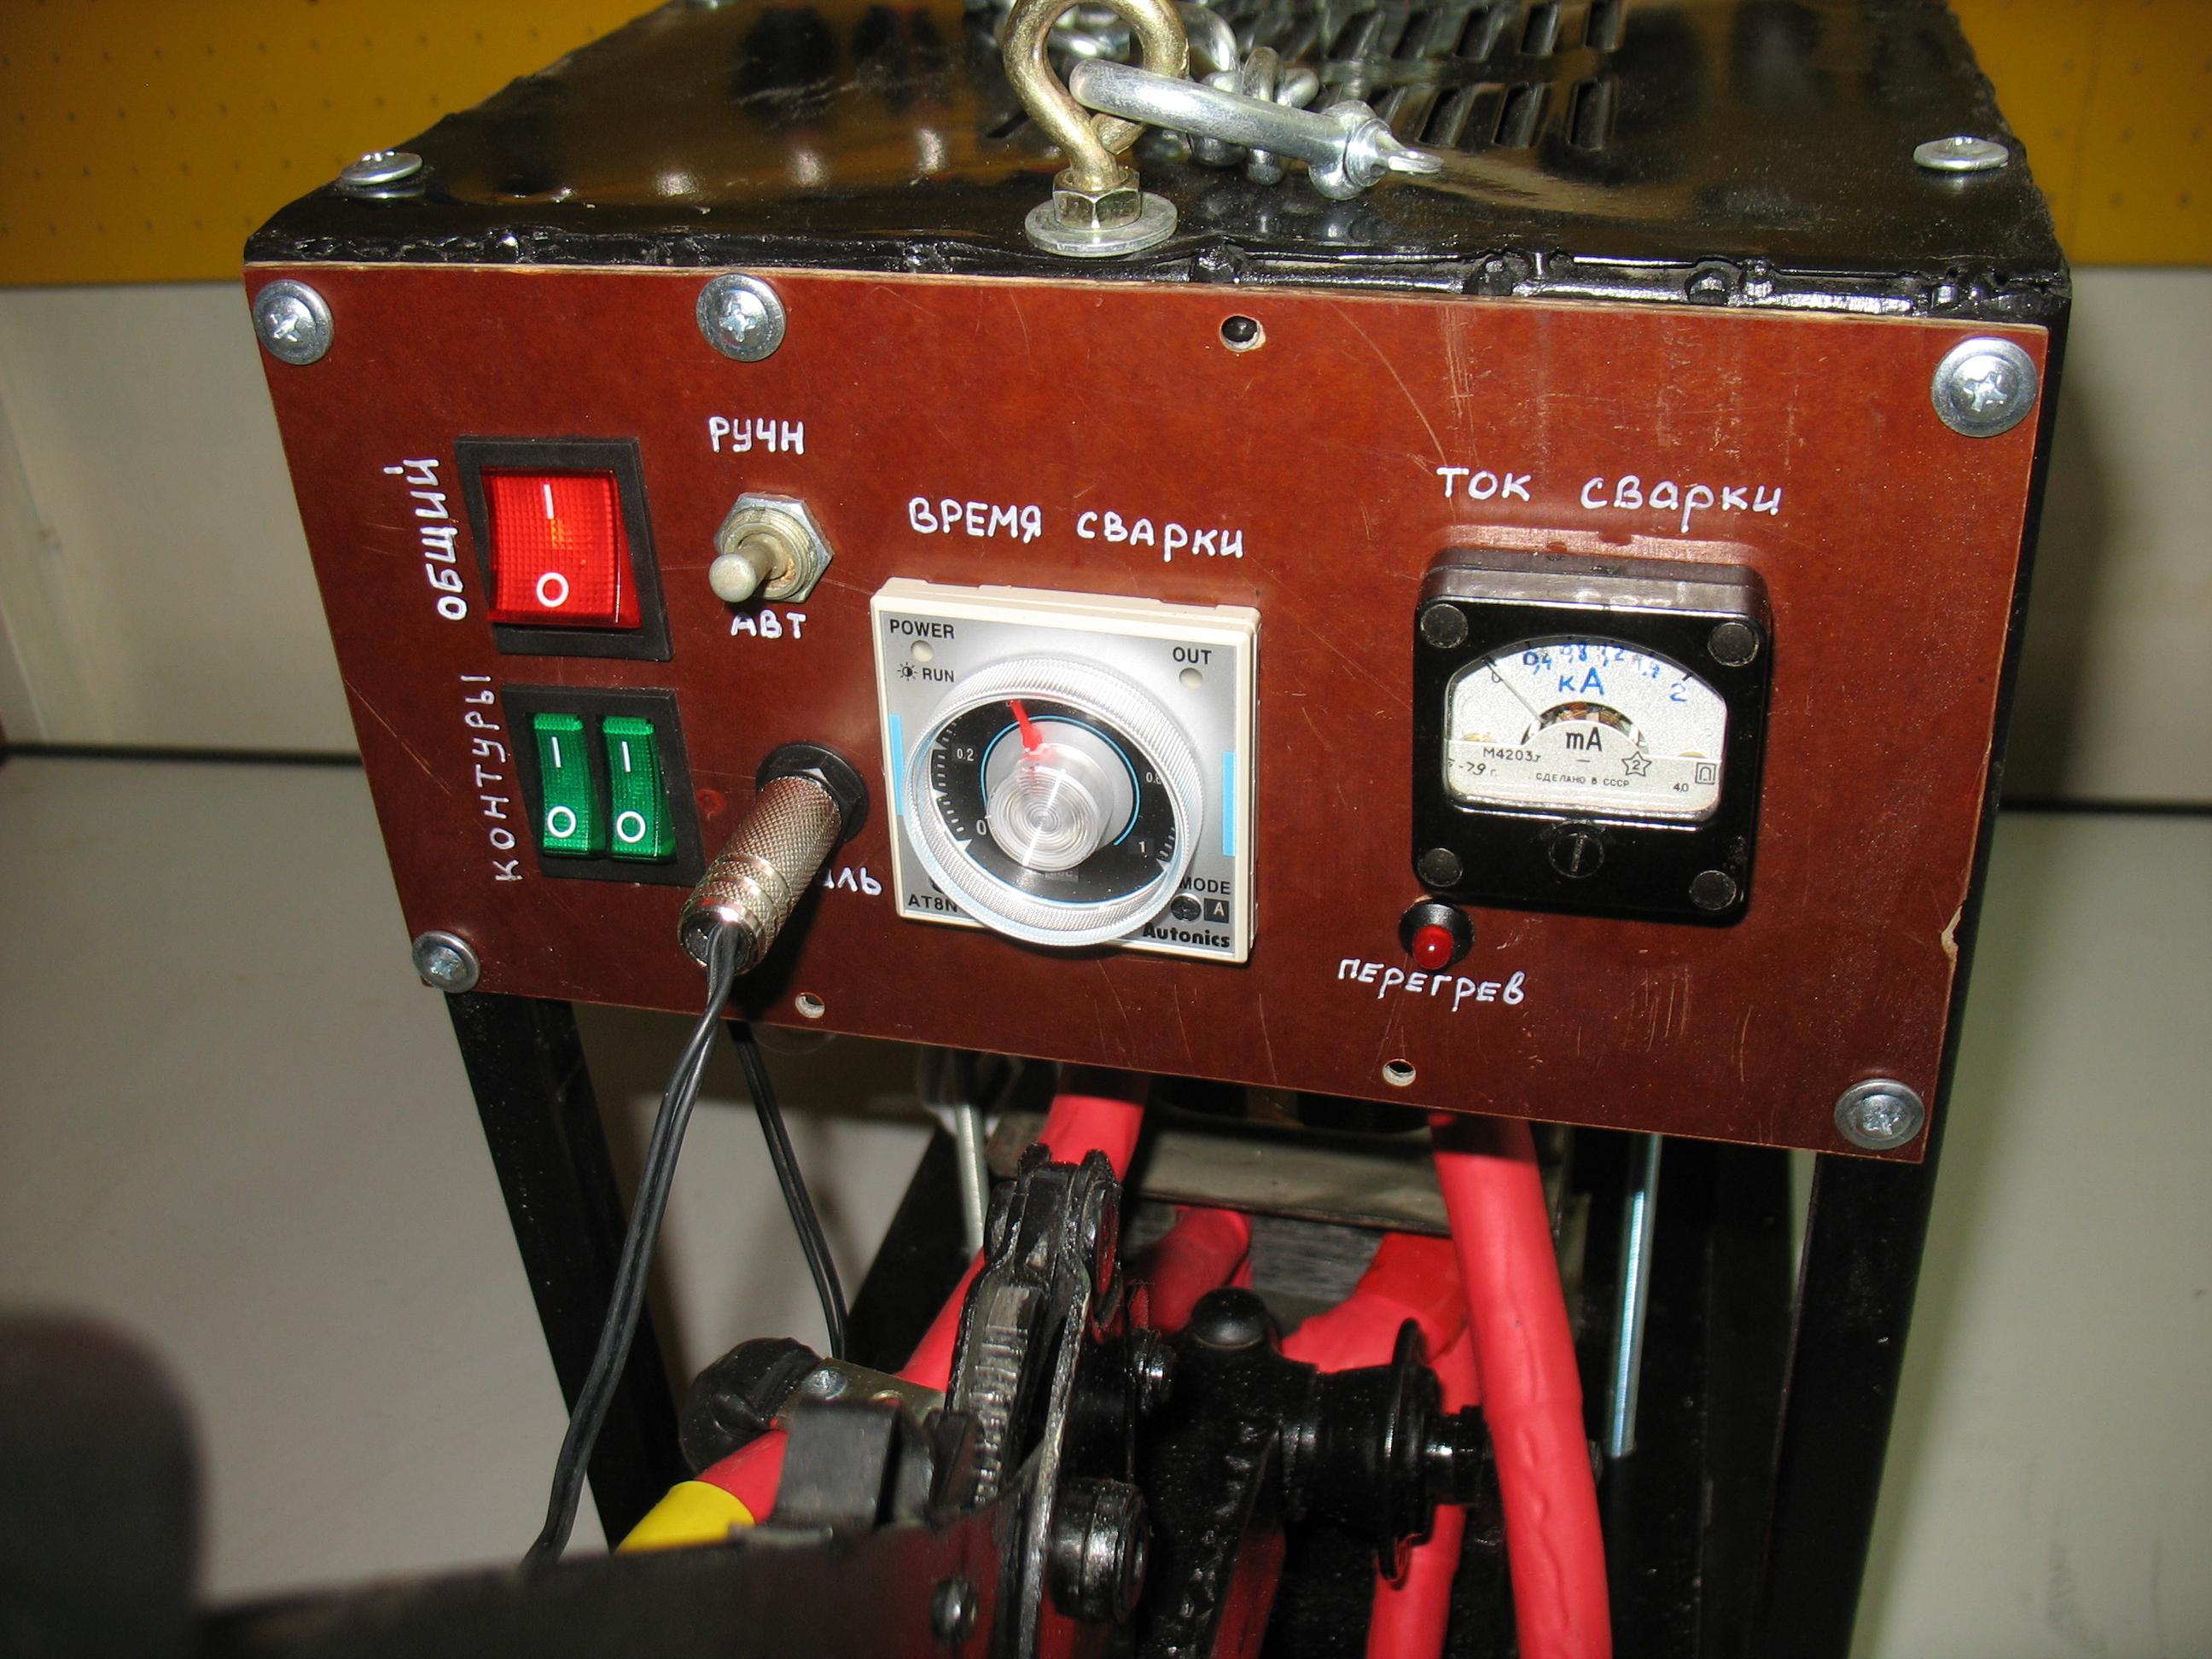 Трансформатор из микроволновки своими руками фото 75